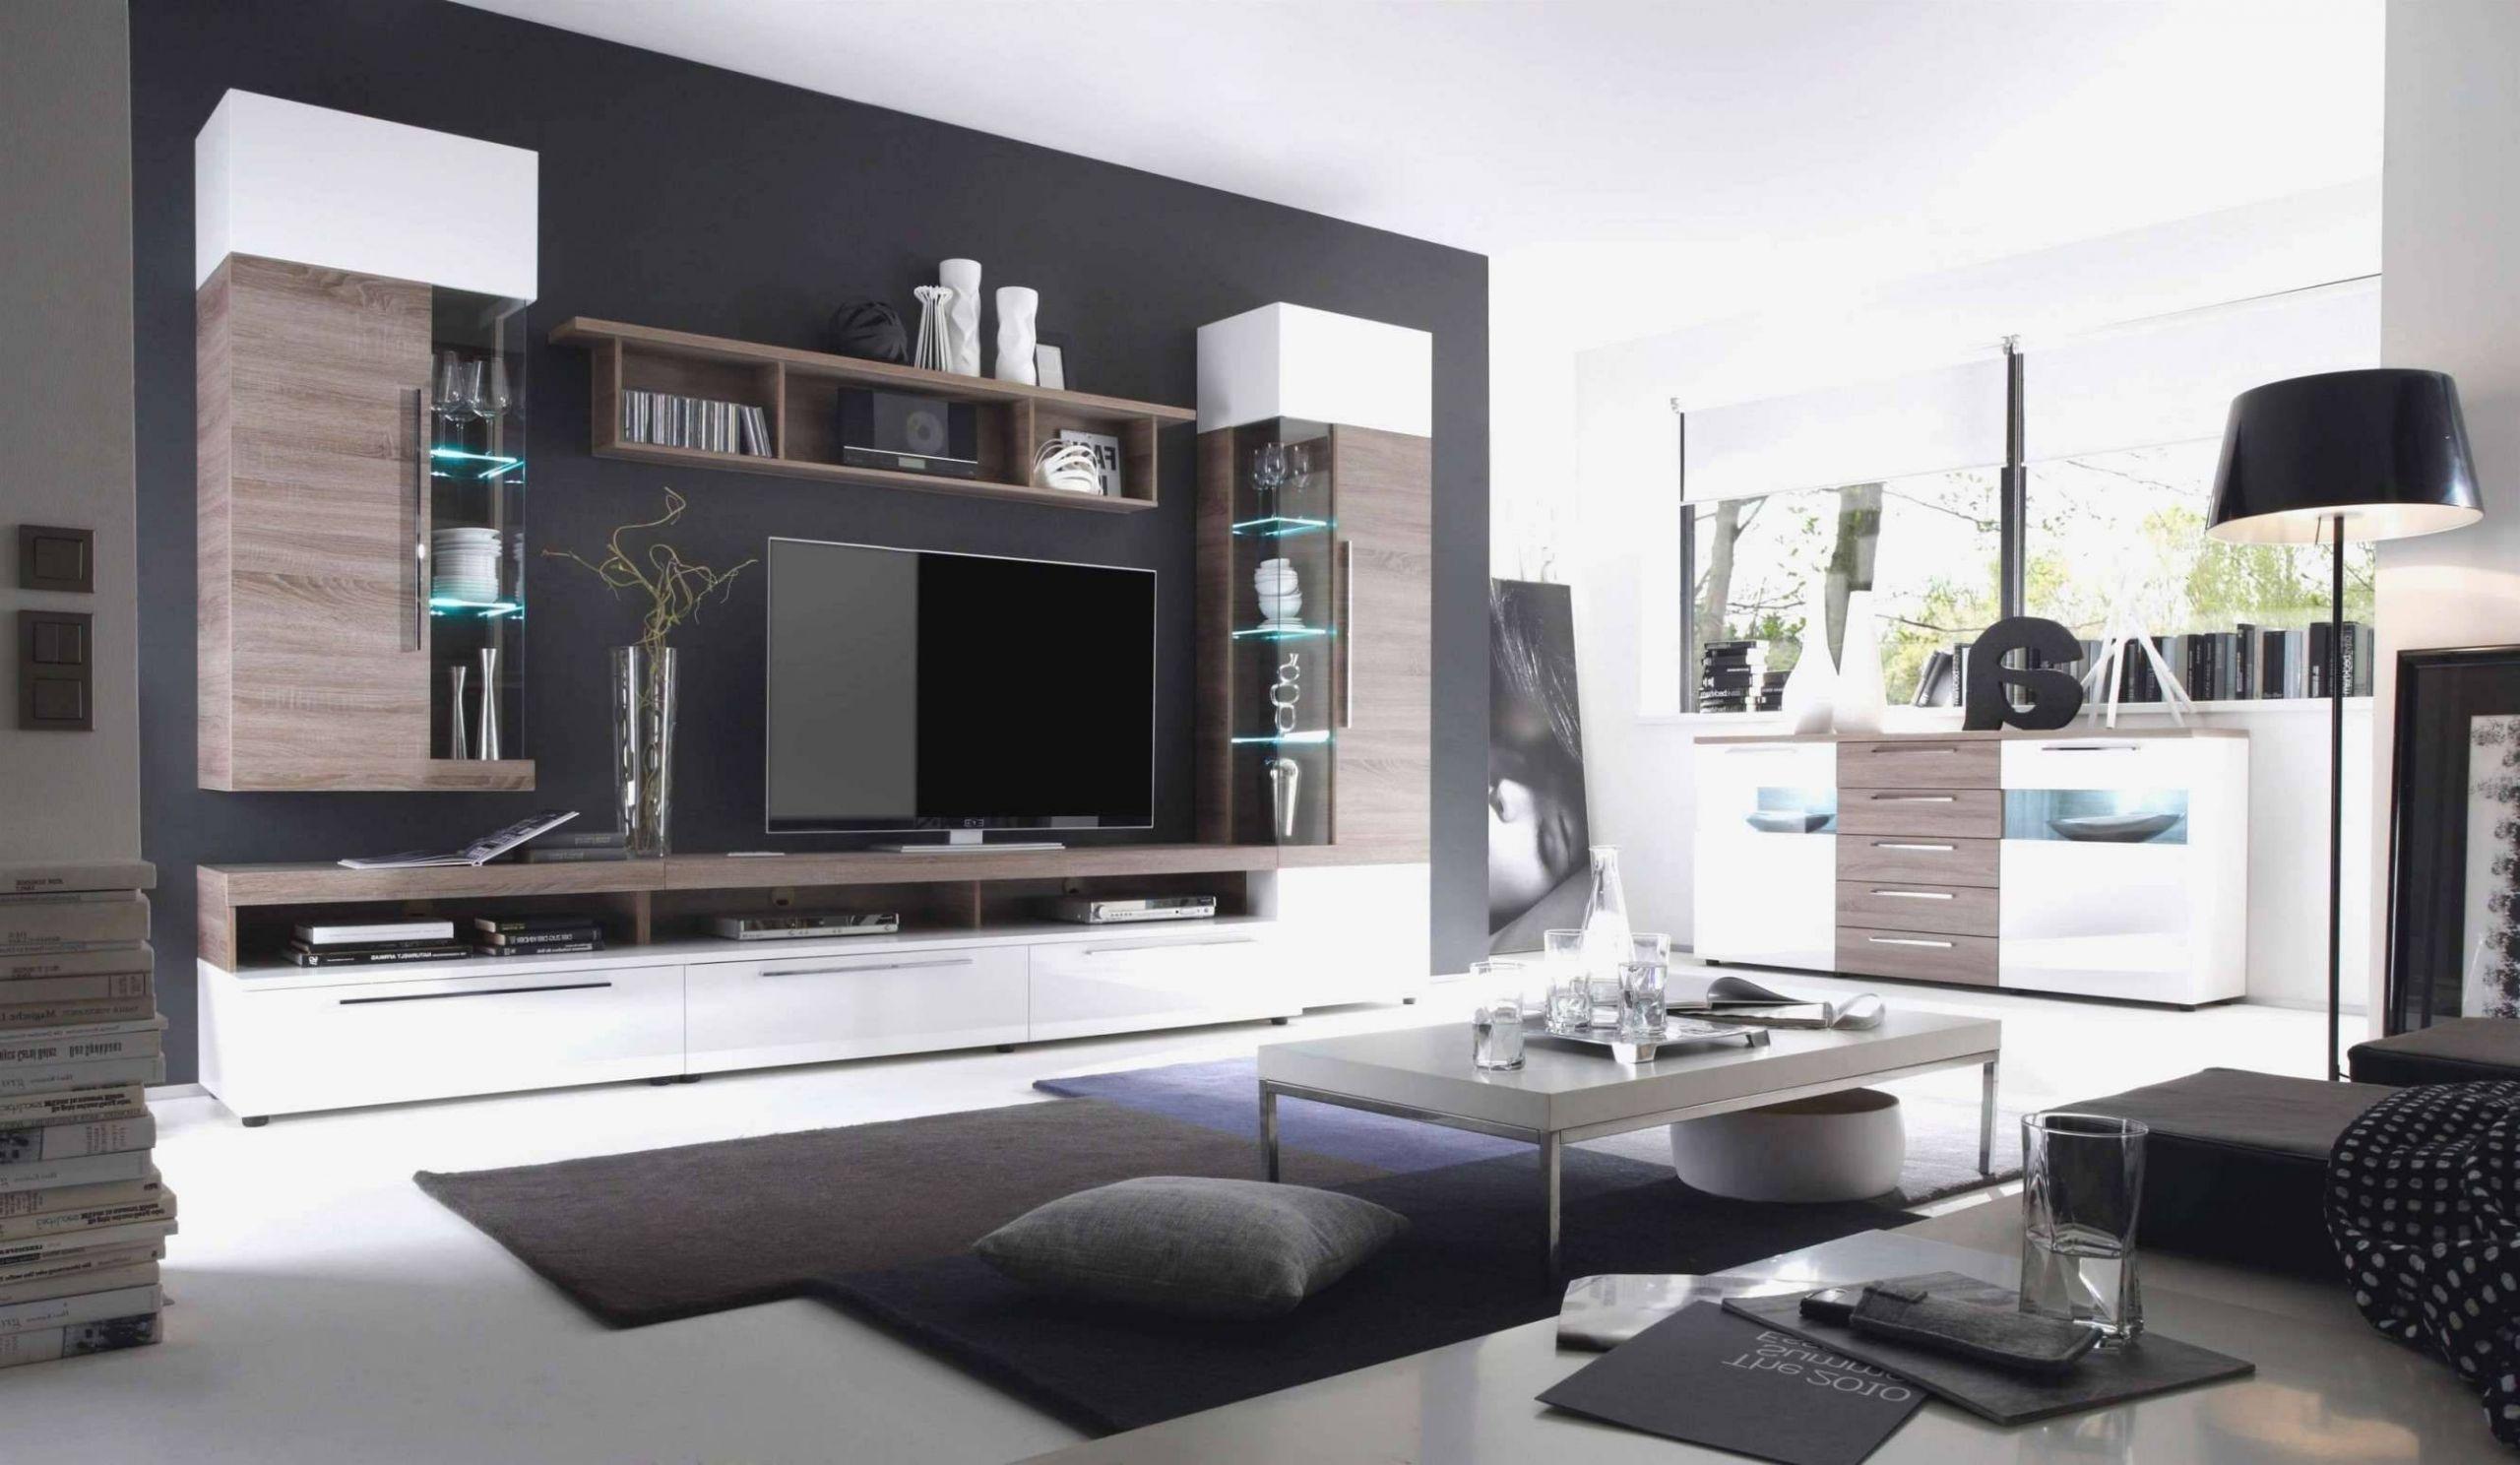 wohnzimmer sideboard design beautiful 48 genial billige deko bild of wohnzimmer sideboard design